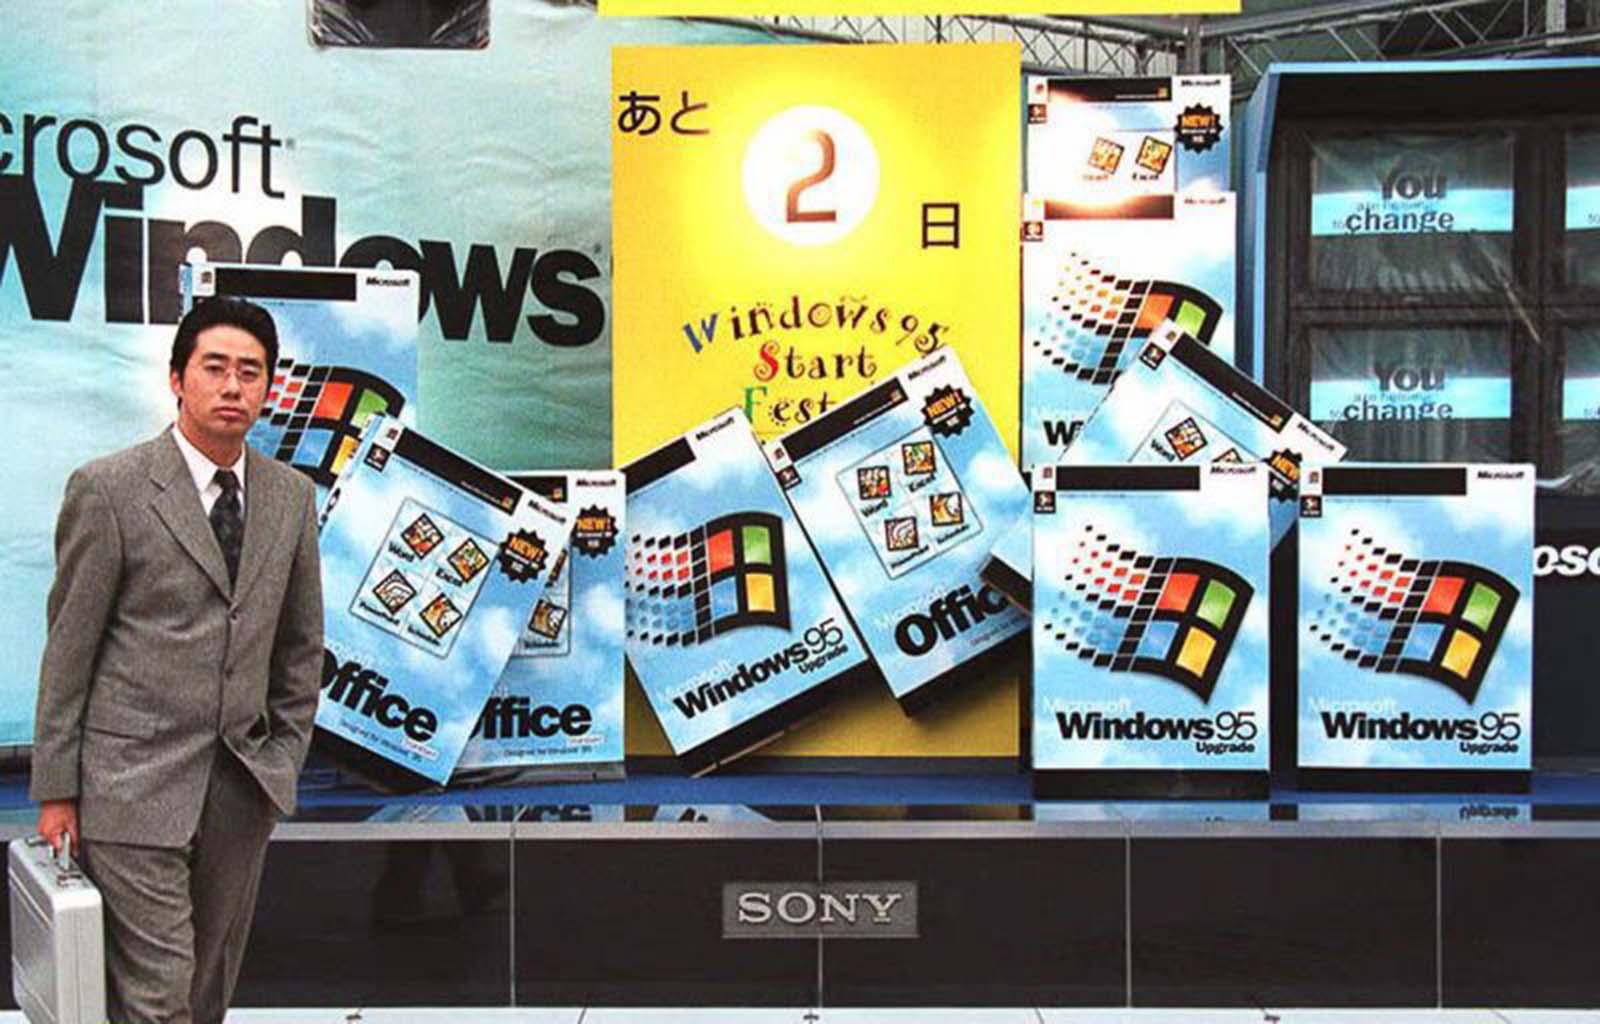 <p>Windows 95, два дни преди официалното откриване на продукта на японски.</p>